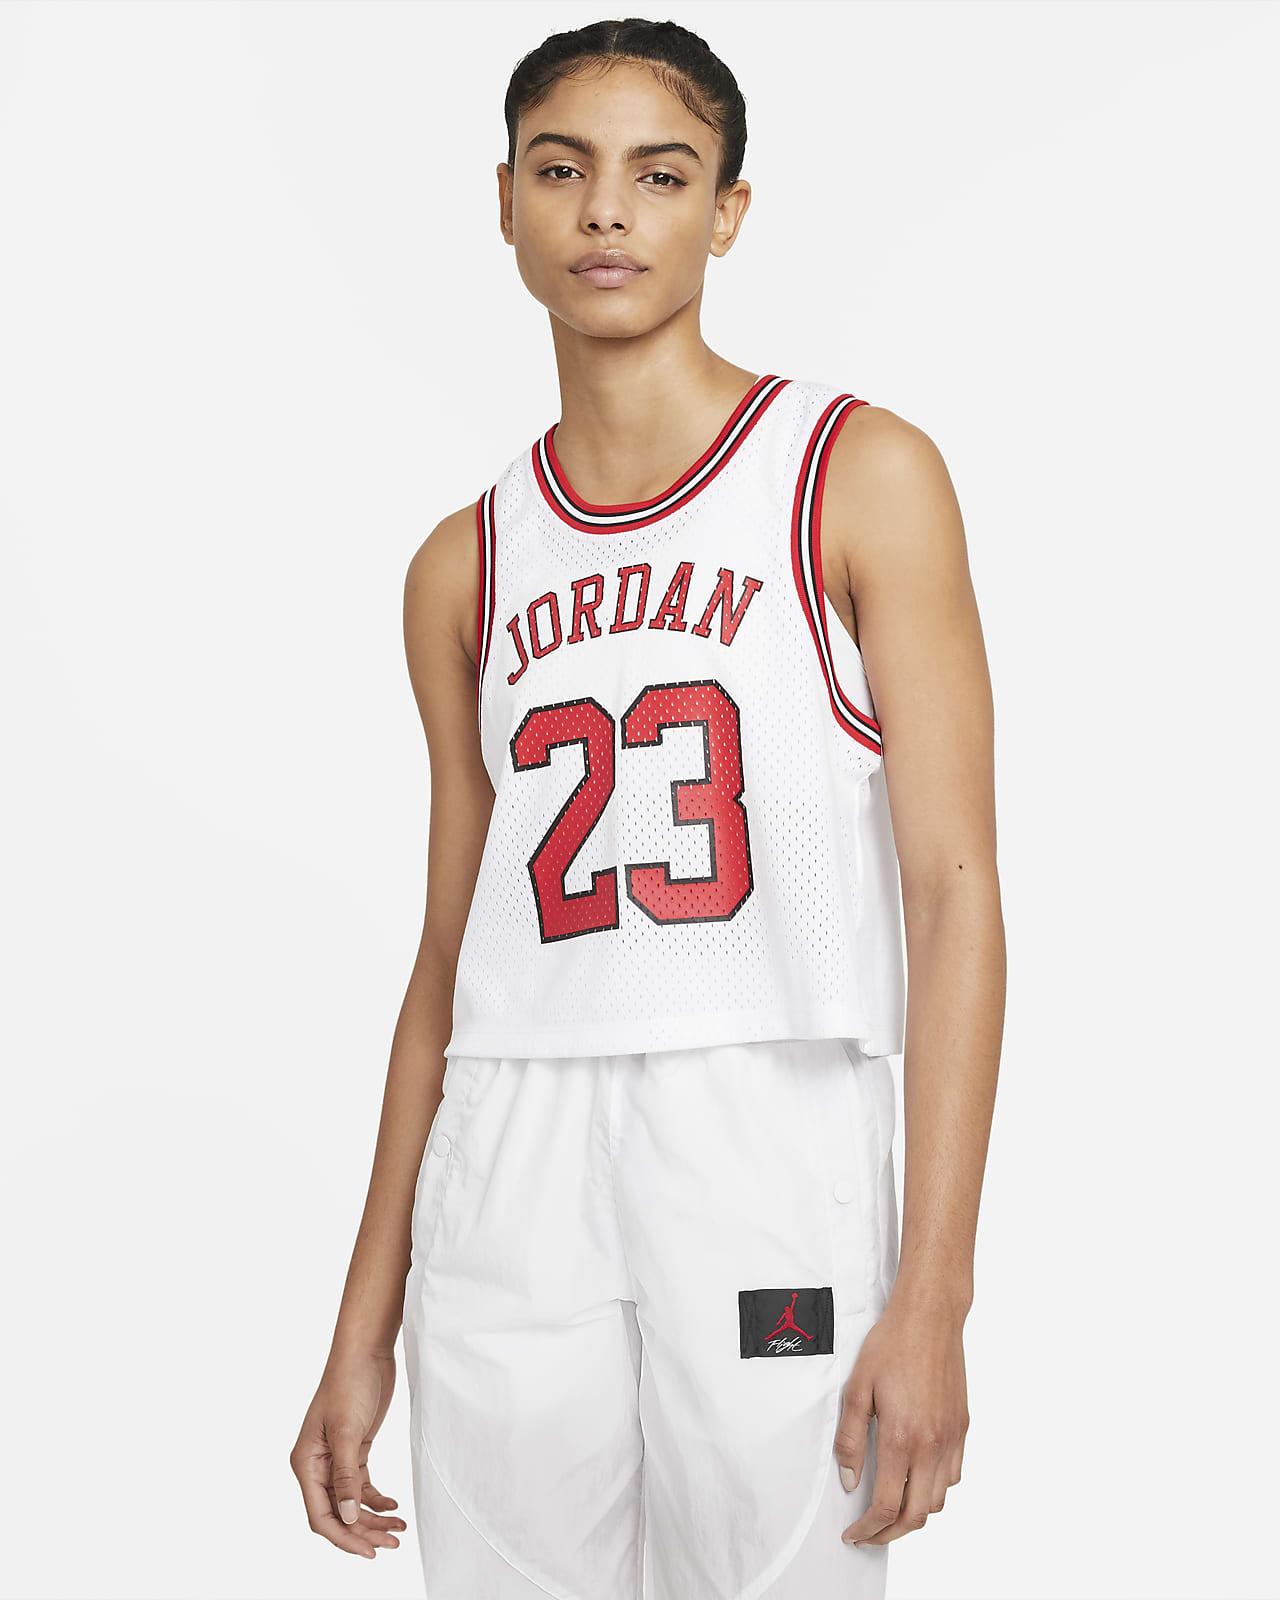 Jordan Essentials Women's Top